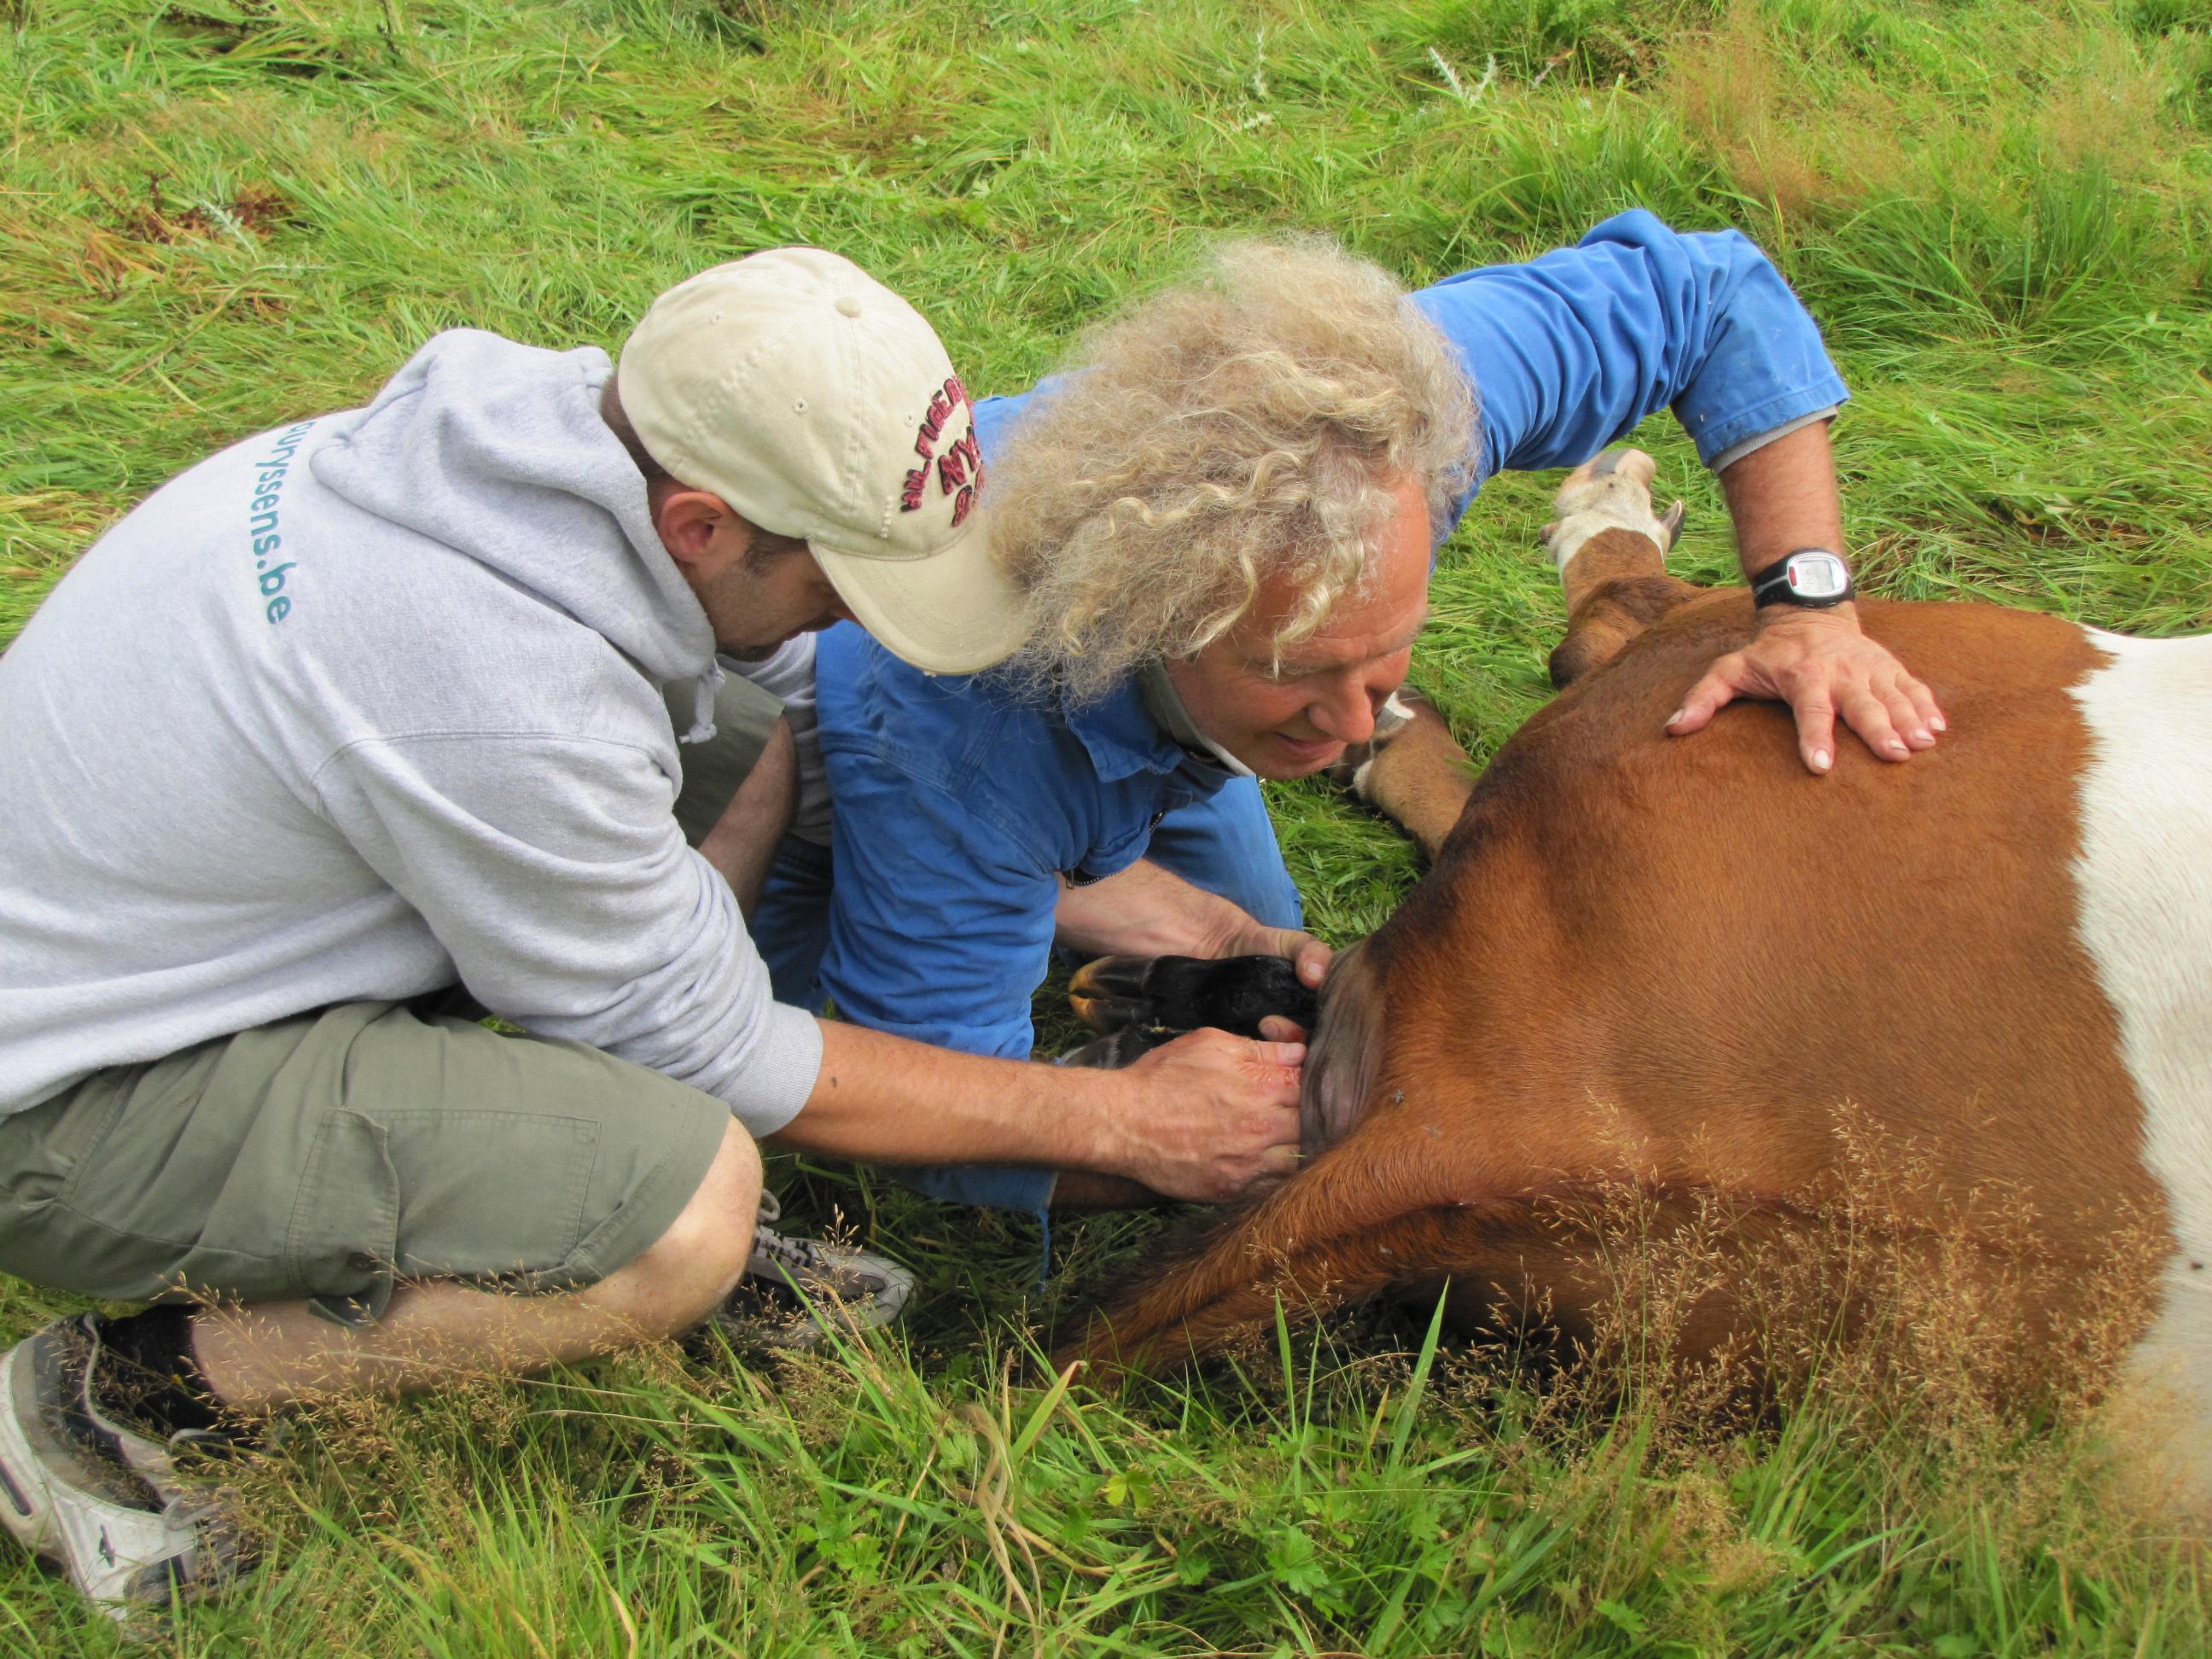 A1s er een koe moet werpen zoals vorig jaar, tijdens de koers, is het best dat de politie weet wie de bezitter is.